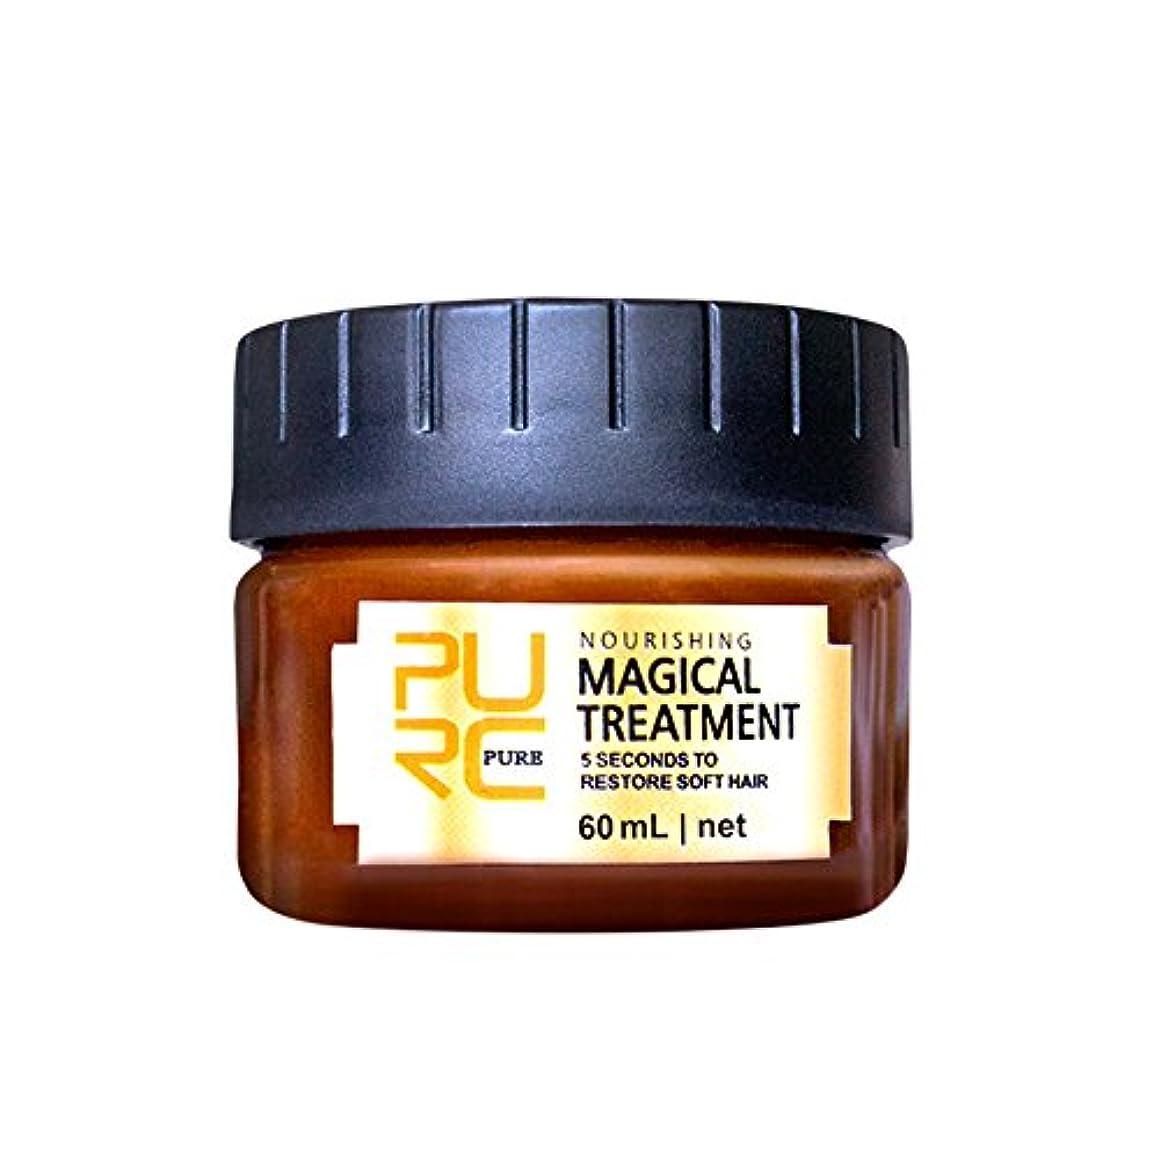 九時四十五分デッドおもてなしヘアトリートメント ディープリペア軟膏マスク 髪の栄養素を補う 角質層の保護を強化する 乾燥した髪に適しています 髪を柔らかくつやつやに保ちます 60ml / 120ml (B 60 ml)